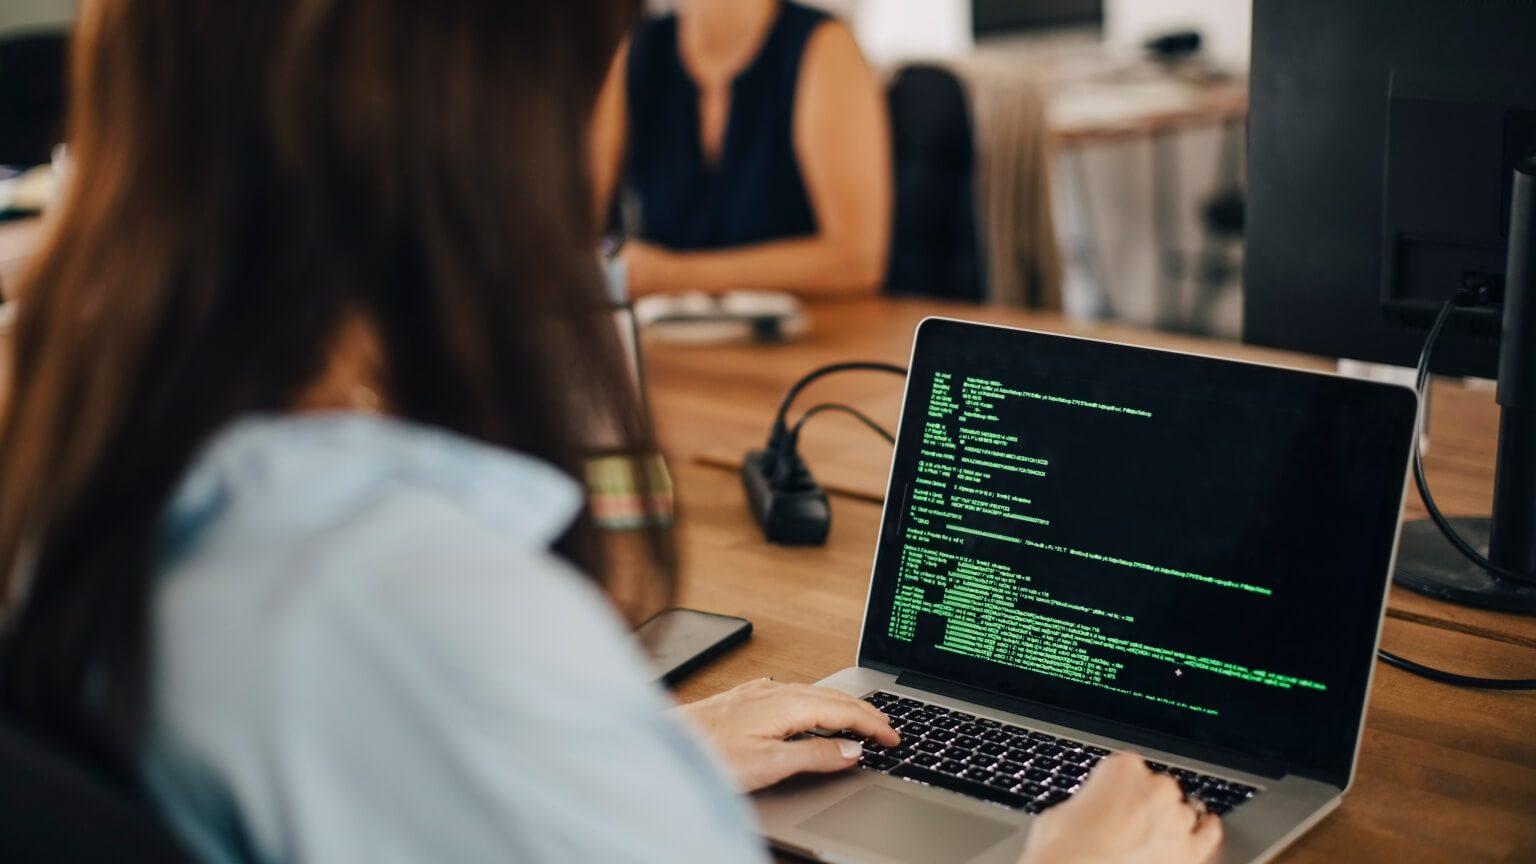 Woman sitting at laptop looking at typing programming language